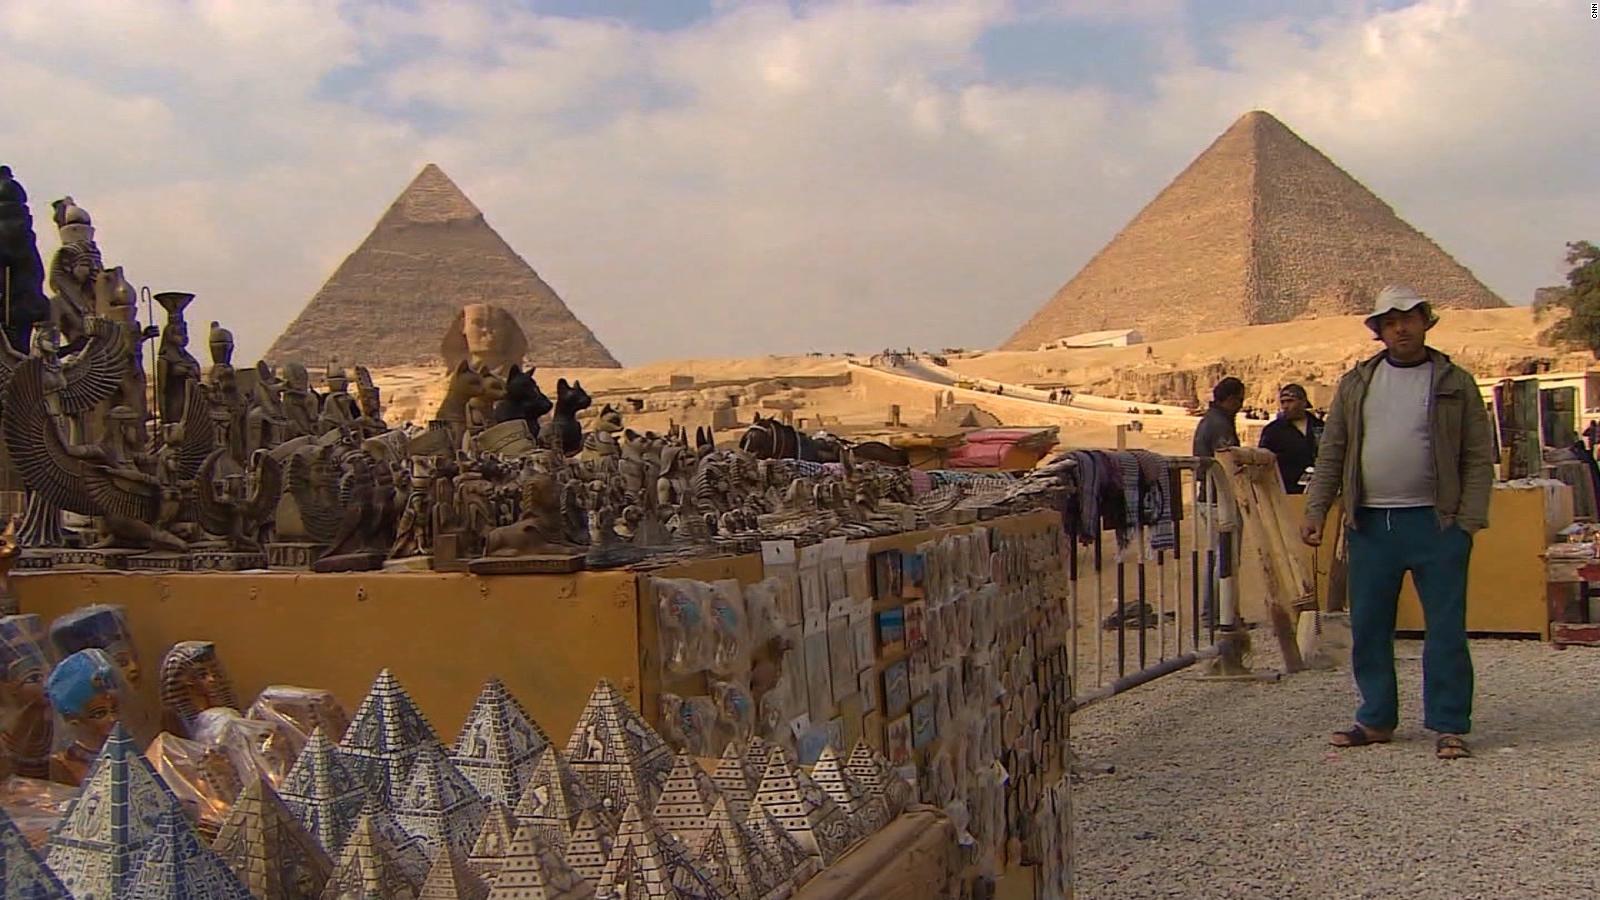 Este hallazgo podría dar claves sobre la construcción de las pirámides de Guiza, en Egipto https://t.co/DLQLe3AGG5 https://t.co/3V03nw3pwc